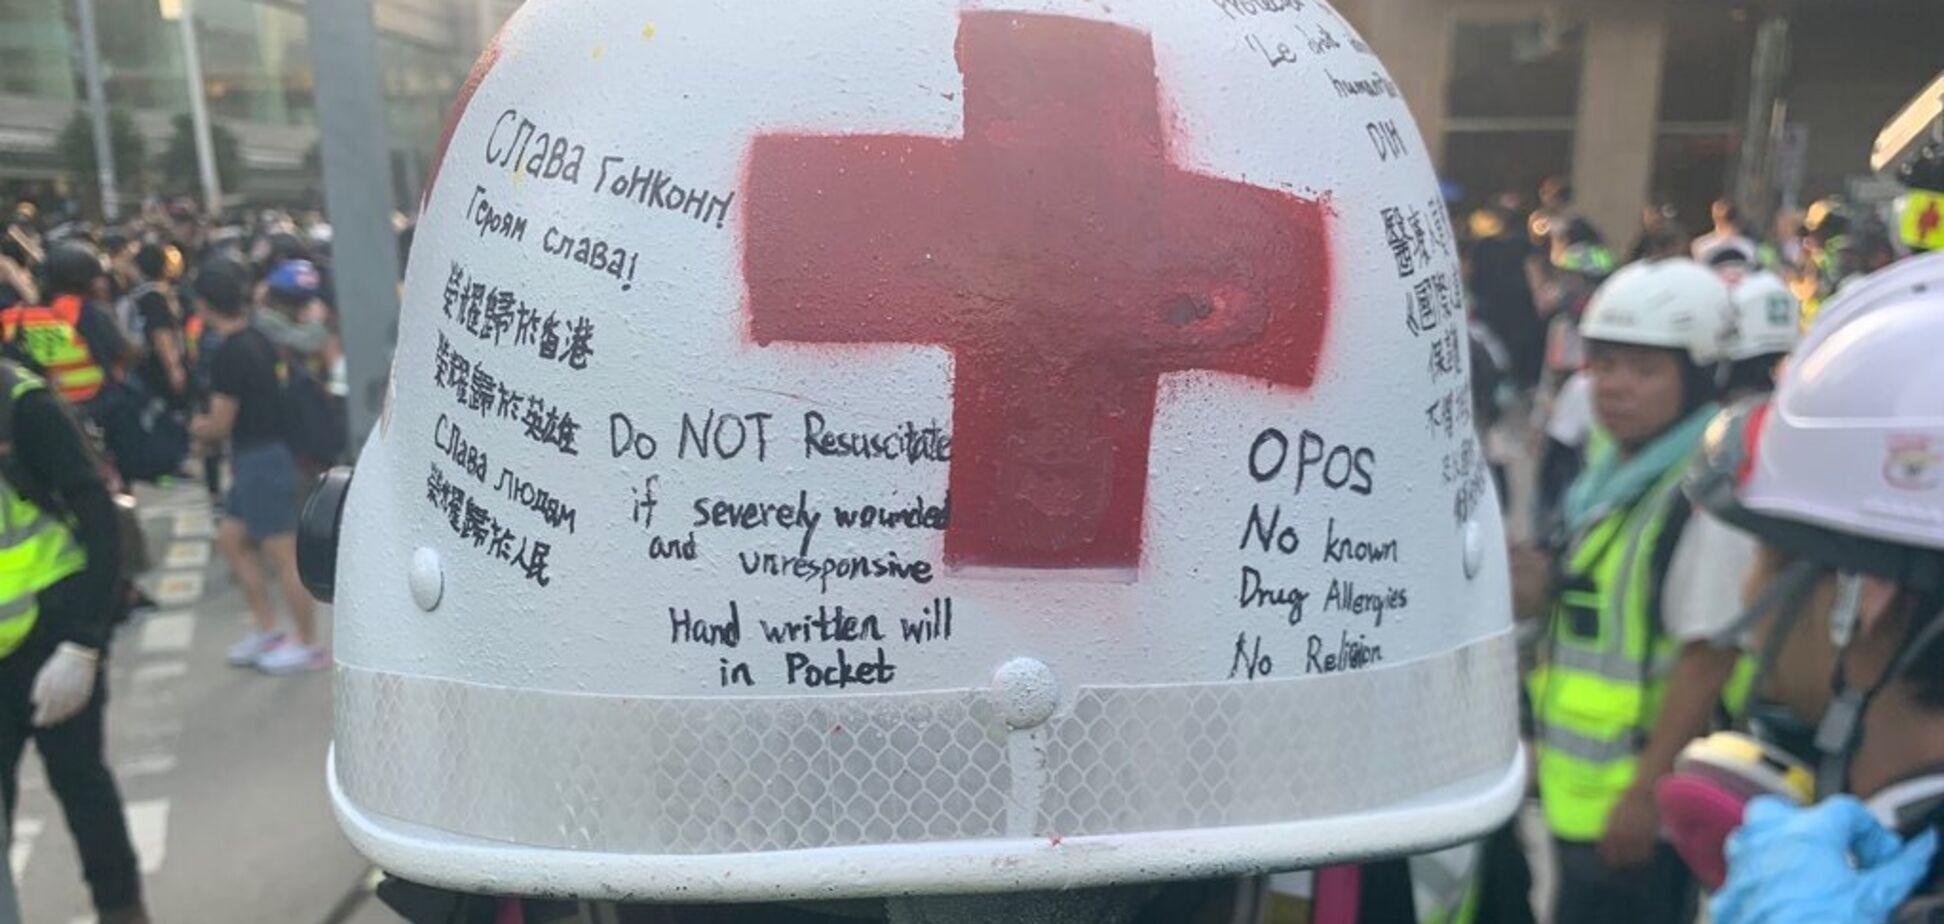 'Героям слава!' У Гонконзі на кровопролитному протесті помітили український знак